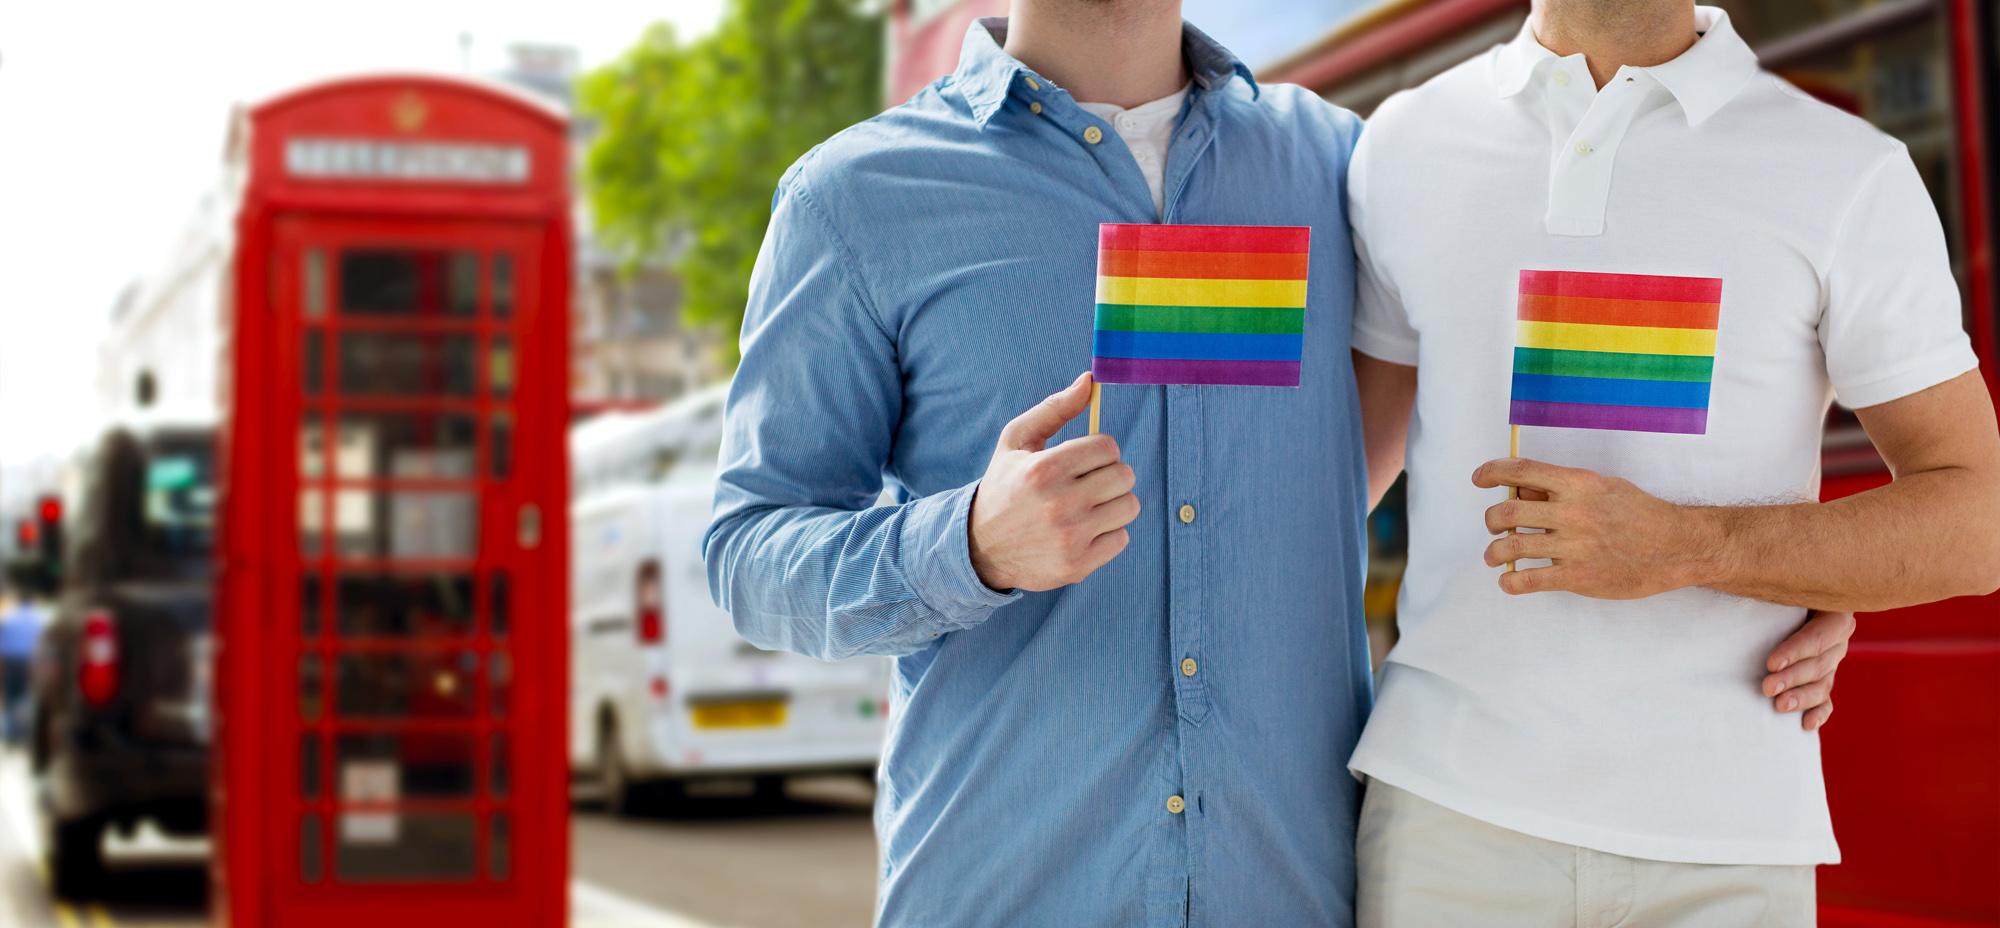 rencontres gay à Mumbai u-ème datation des avions striés de faille